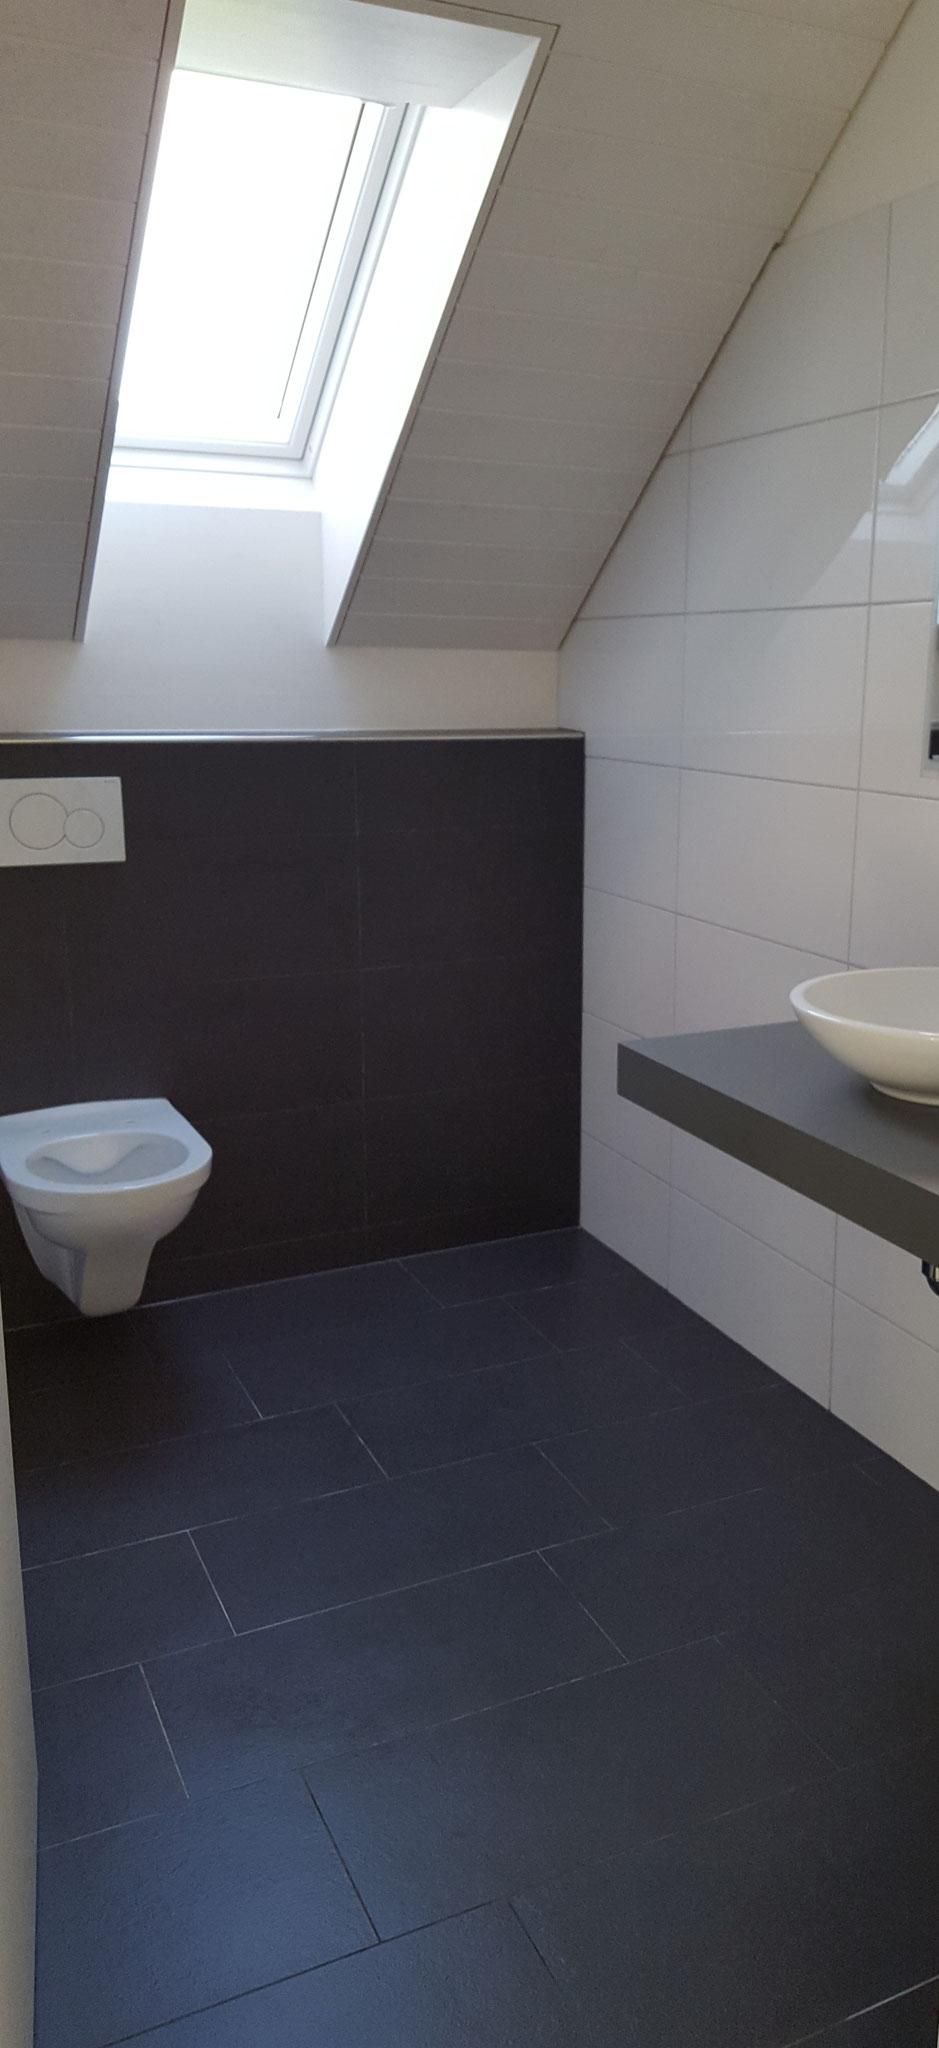 Gäste-WC 4.5 Zimmer Wohnung